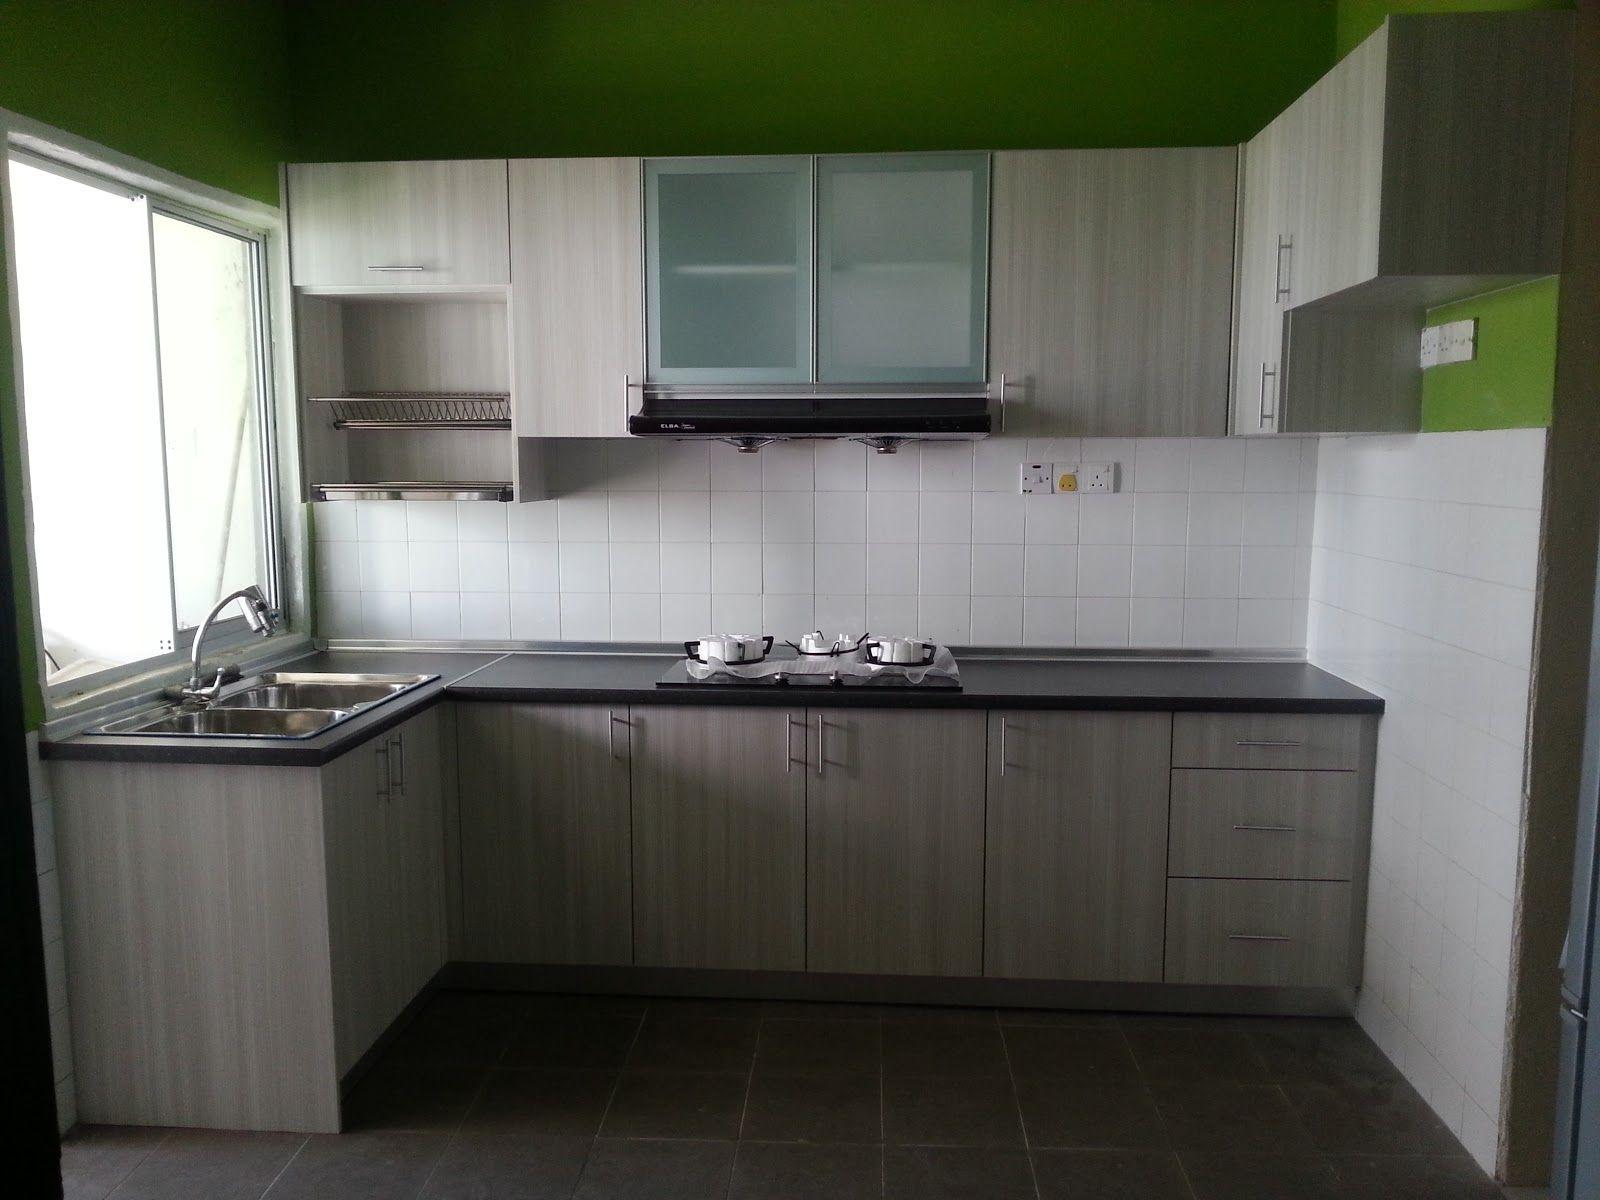 Gambar N Desain Kabinet Untuk Dapur Terpor 808 Projects To Try